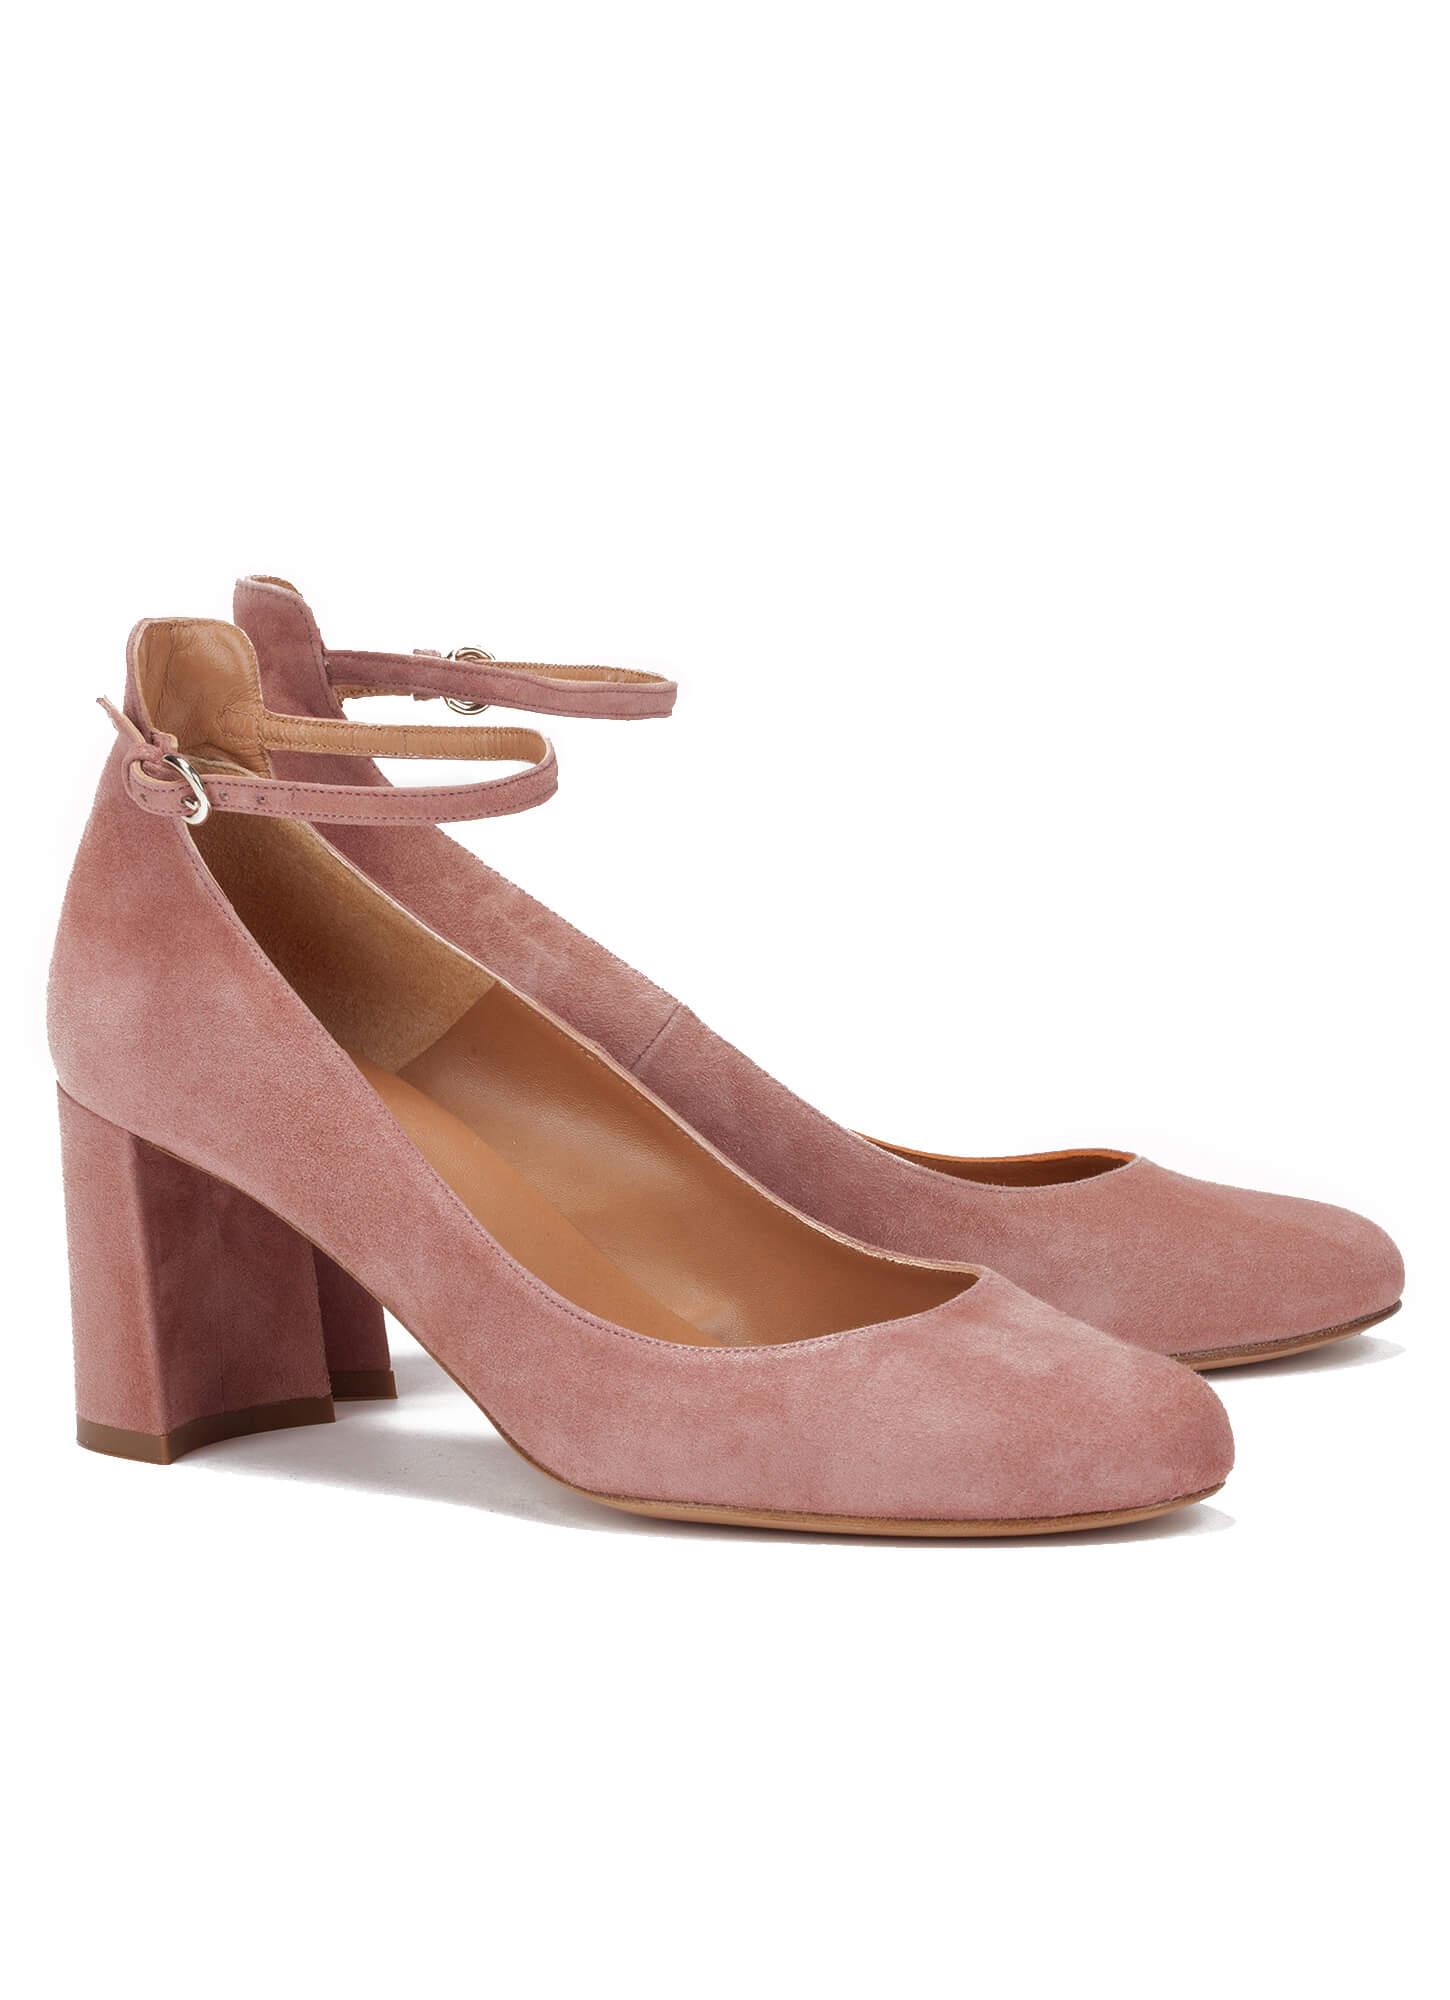 eebd882d52de Mid heel shoes in pink suede - online shoe store Pura Lopez . PURA LOPEZ